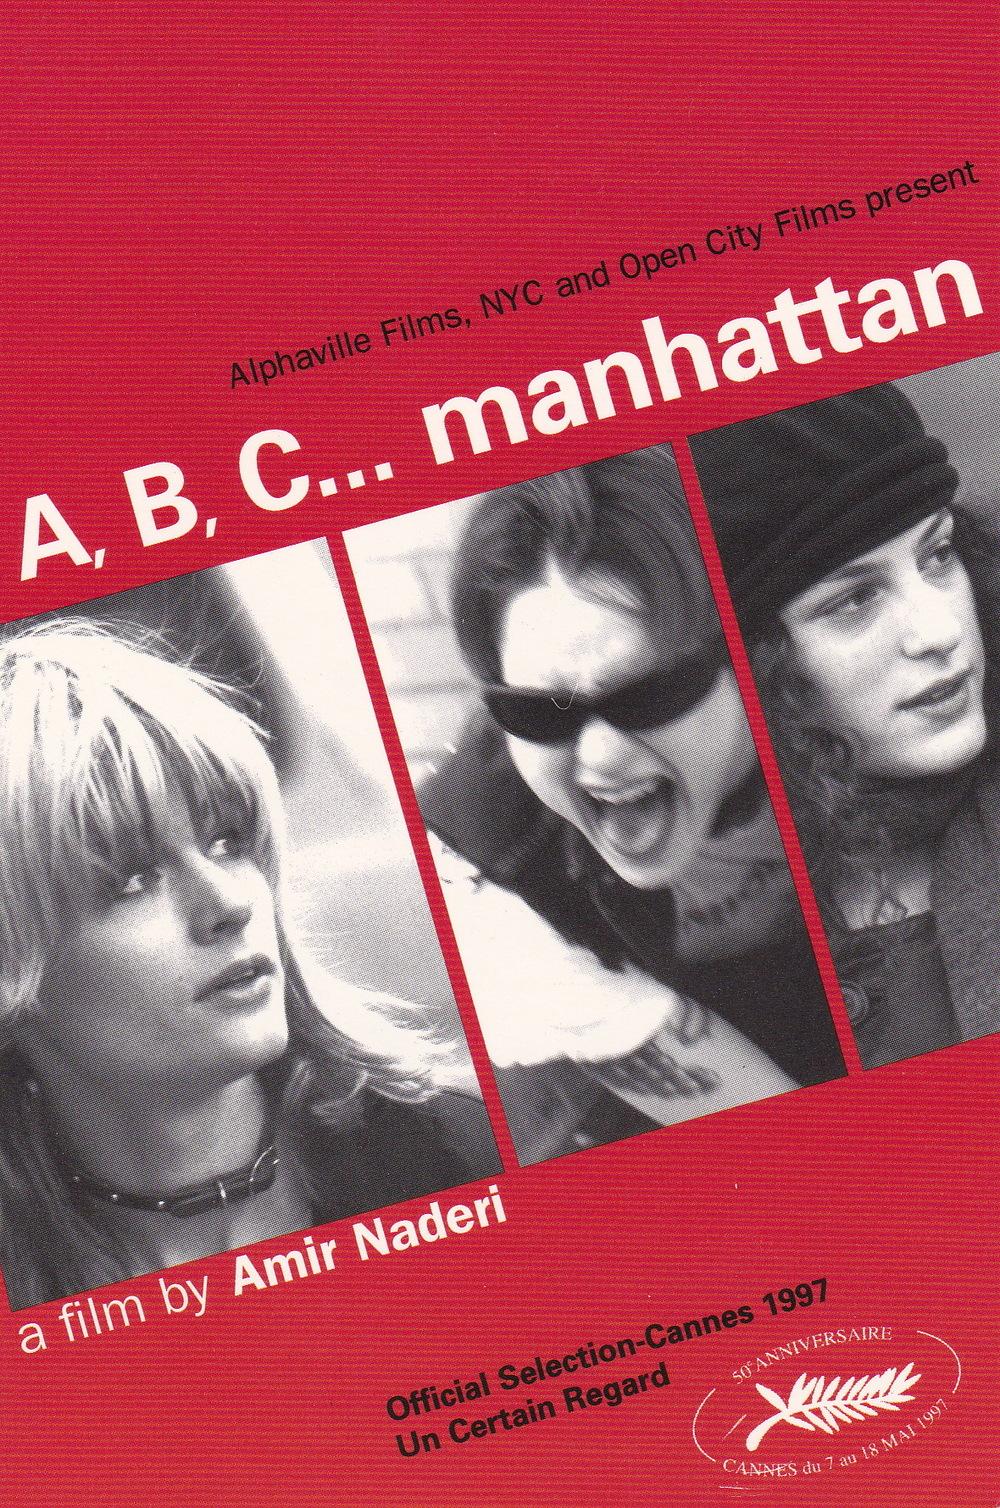 a, b, c... manhattan, by amir naderi